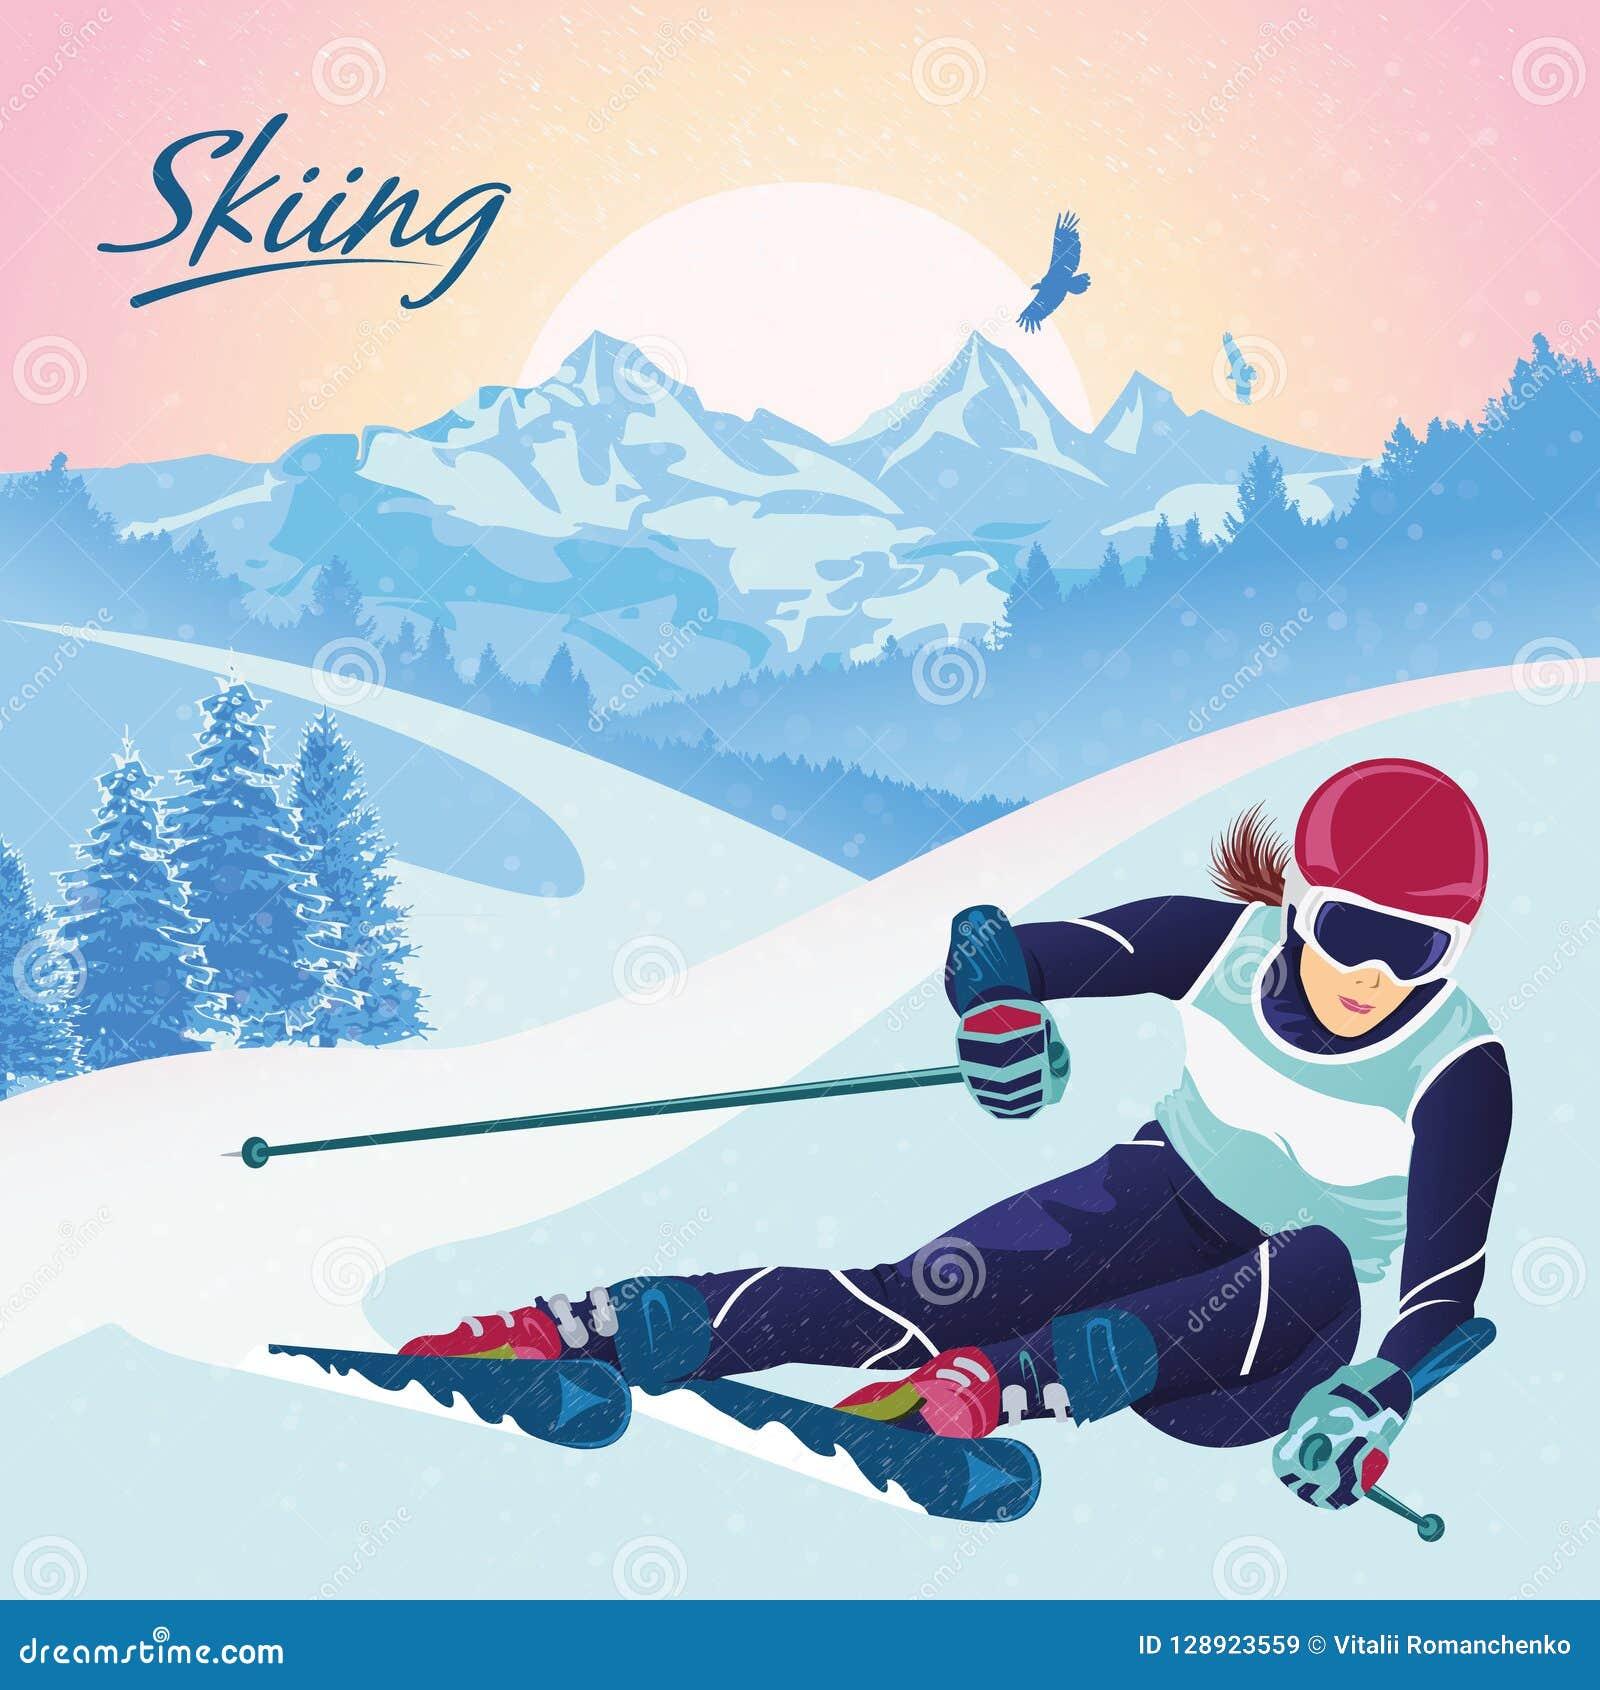 Ski fahren in den Bergen Vector Illustration, die Erholung, Sport, Tourismus und Reise fördert